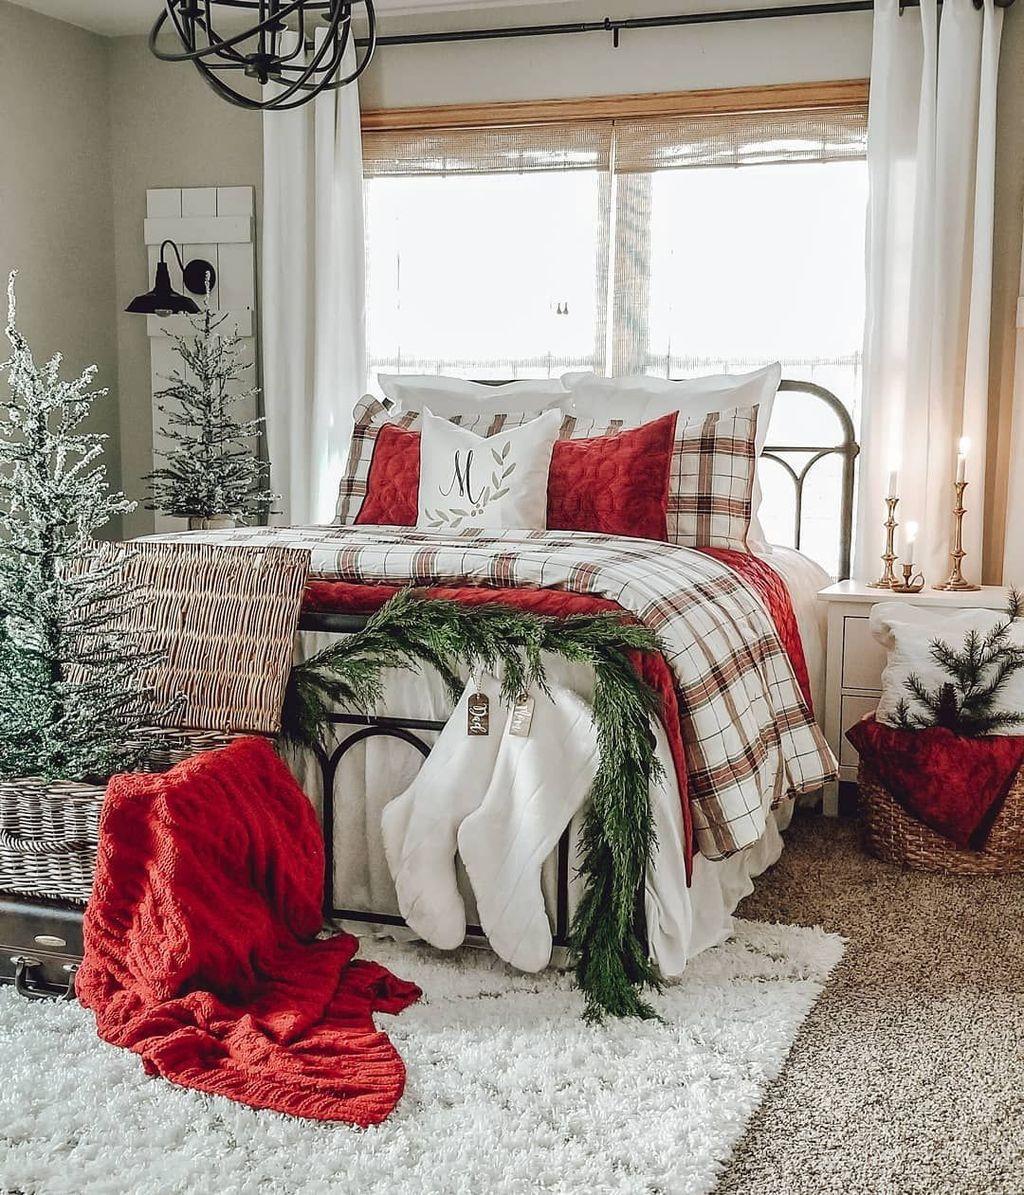 Best Decoration Ideas For Farmhouse Christmas Bedroom Christmas Decorations Bedroom Christmas Bedroom Christmas Bedding